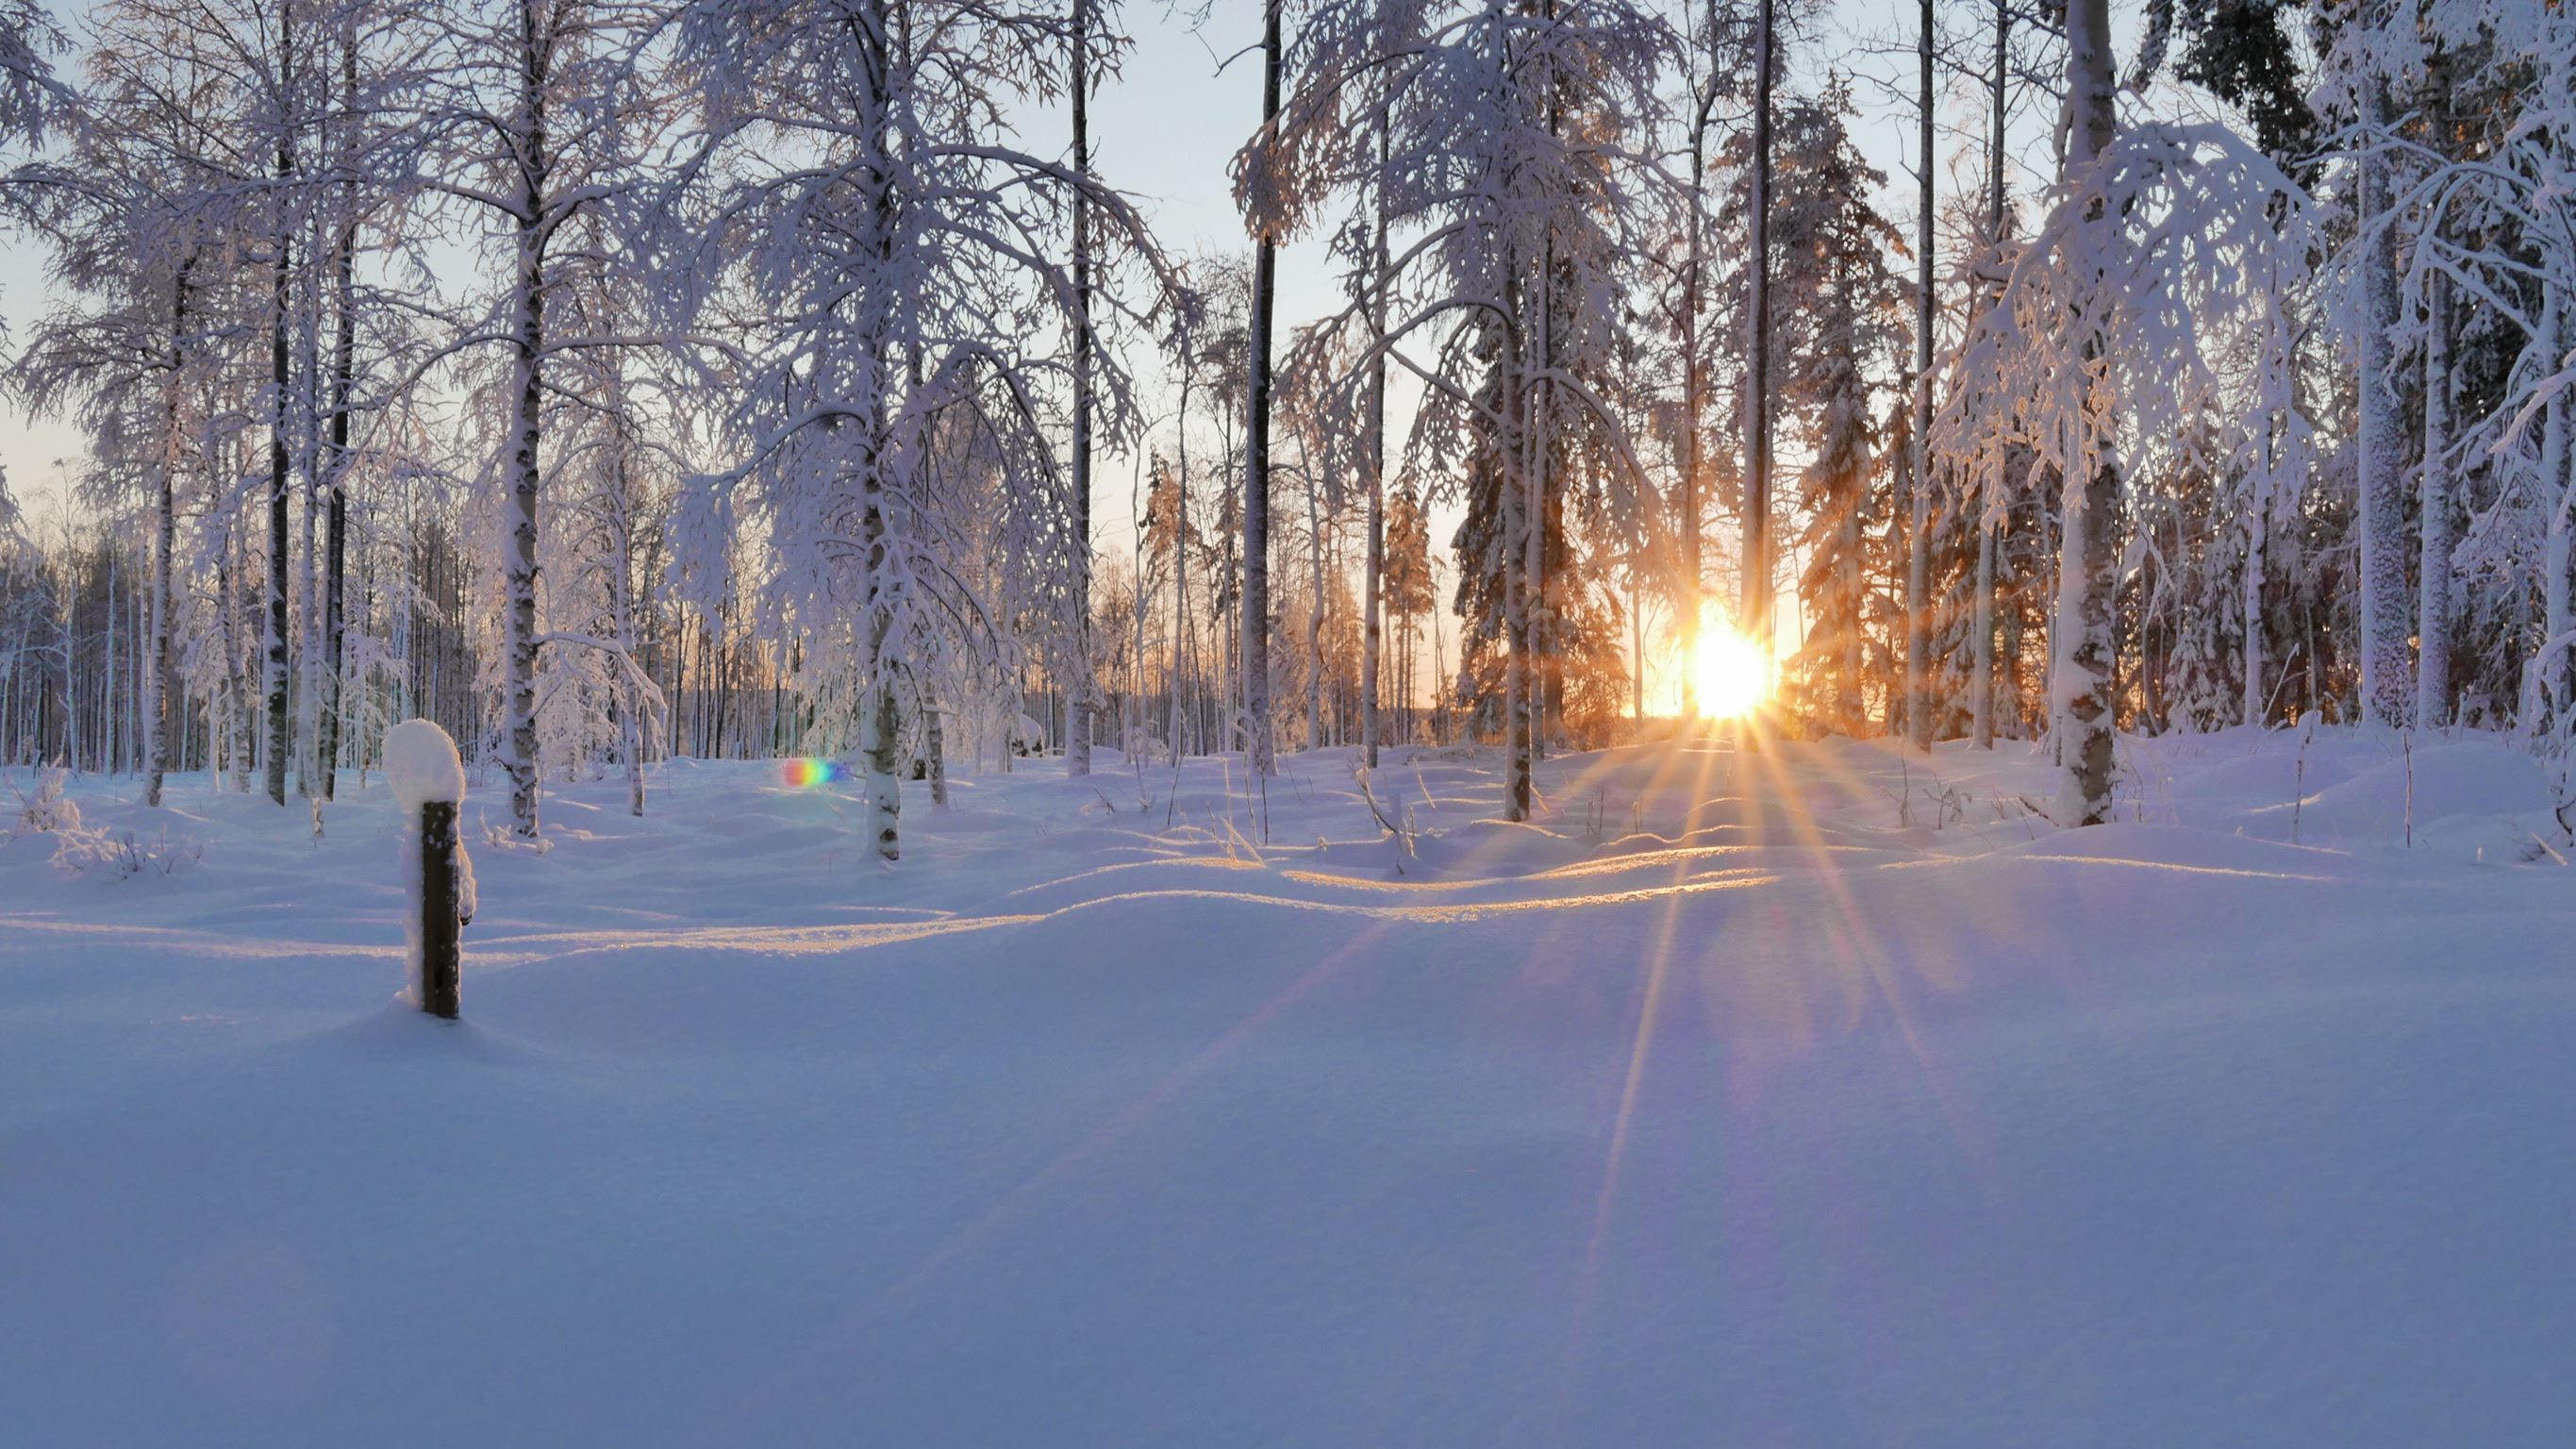 Vintercafé Ljusbodarnas Fäbod